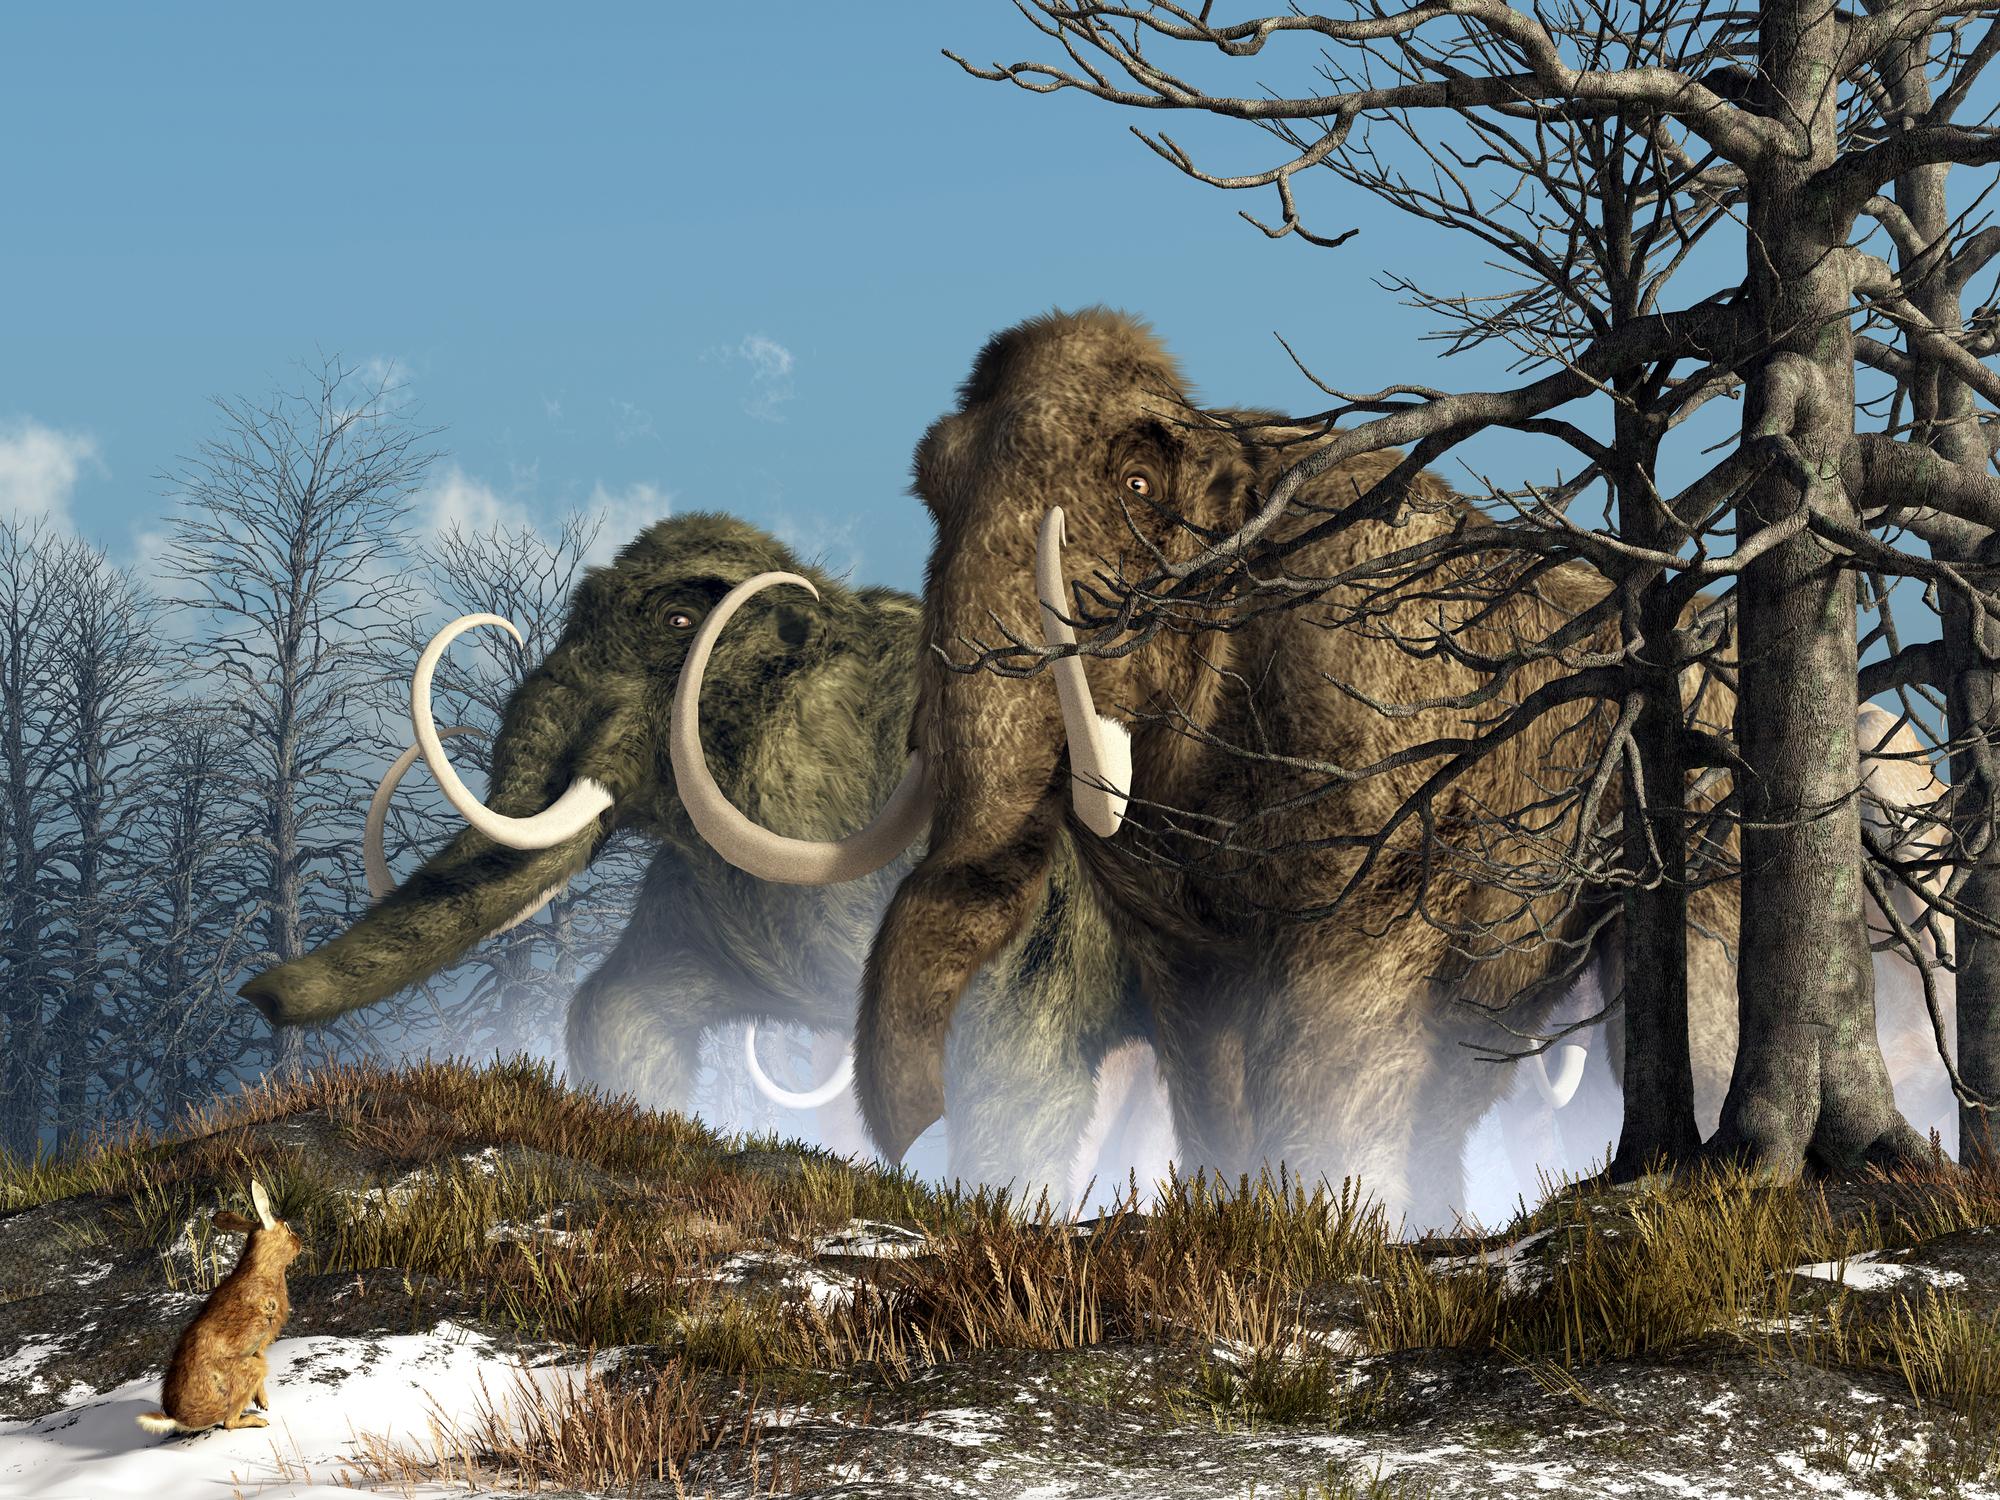 ثاني أكسيد الكربون: ما الذي حدث قبل 40 مليون سنة؟